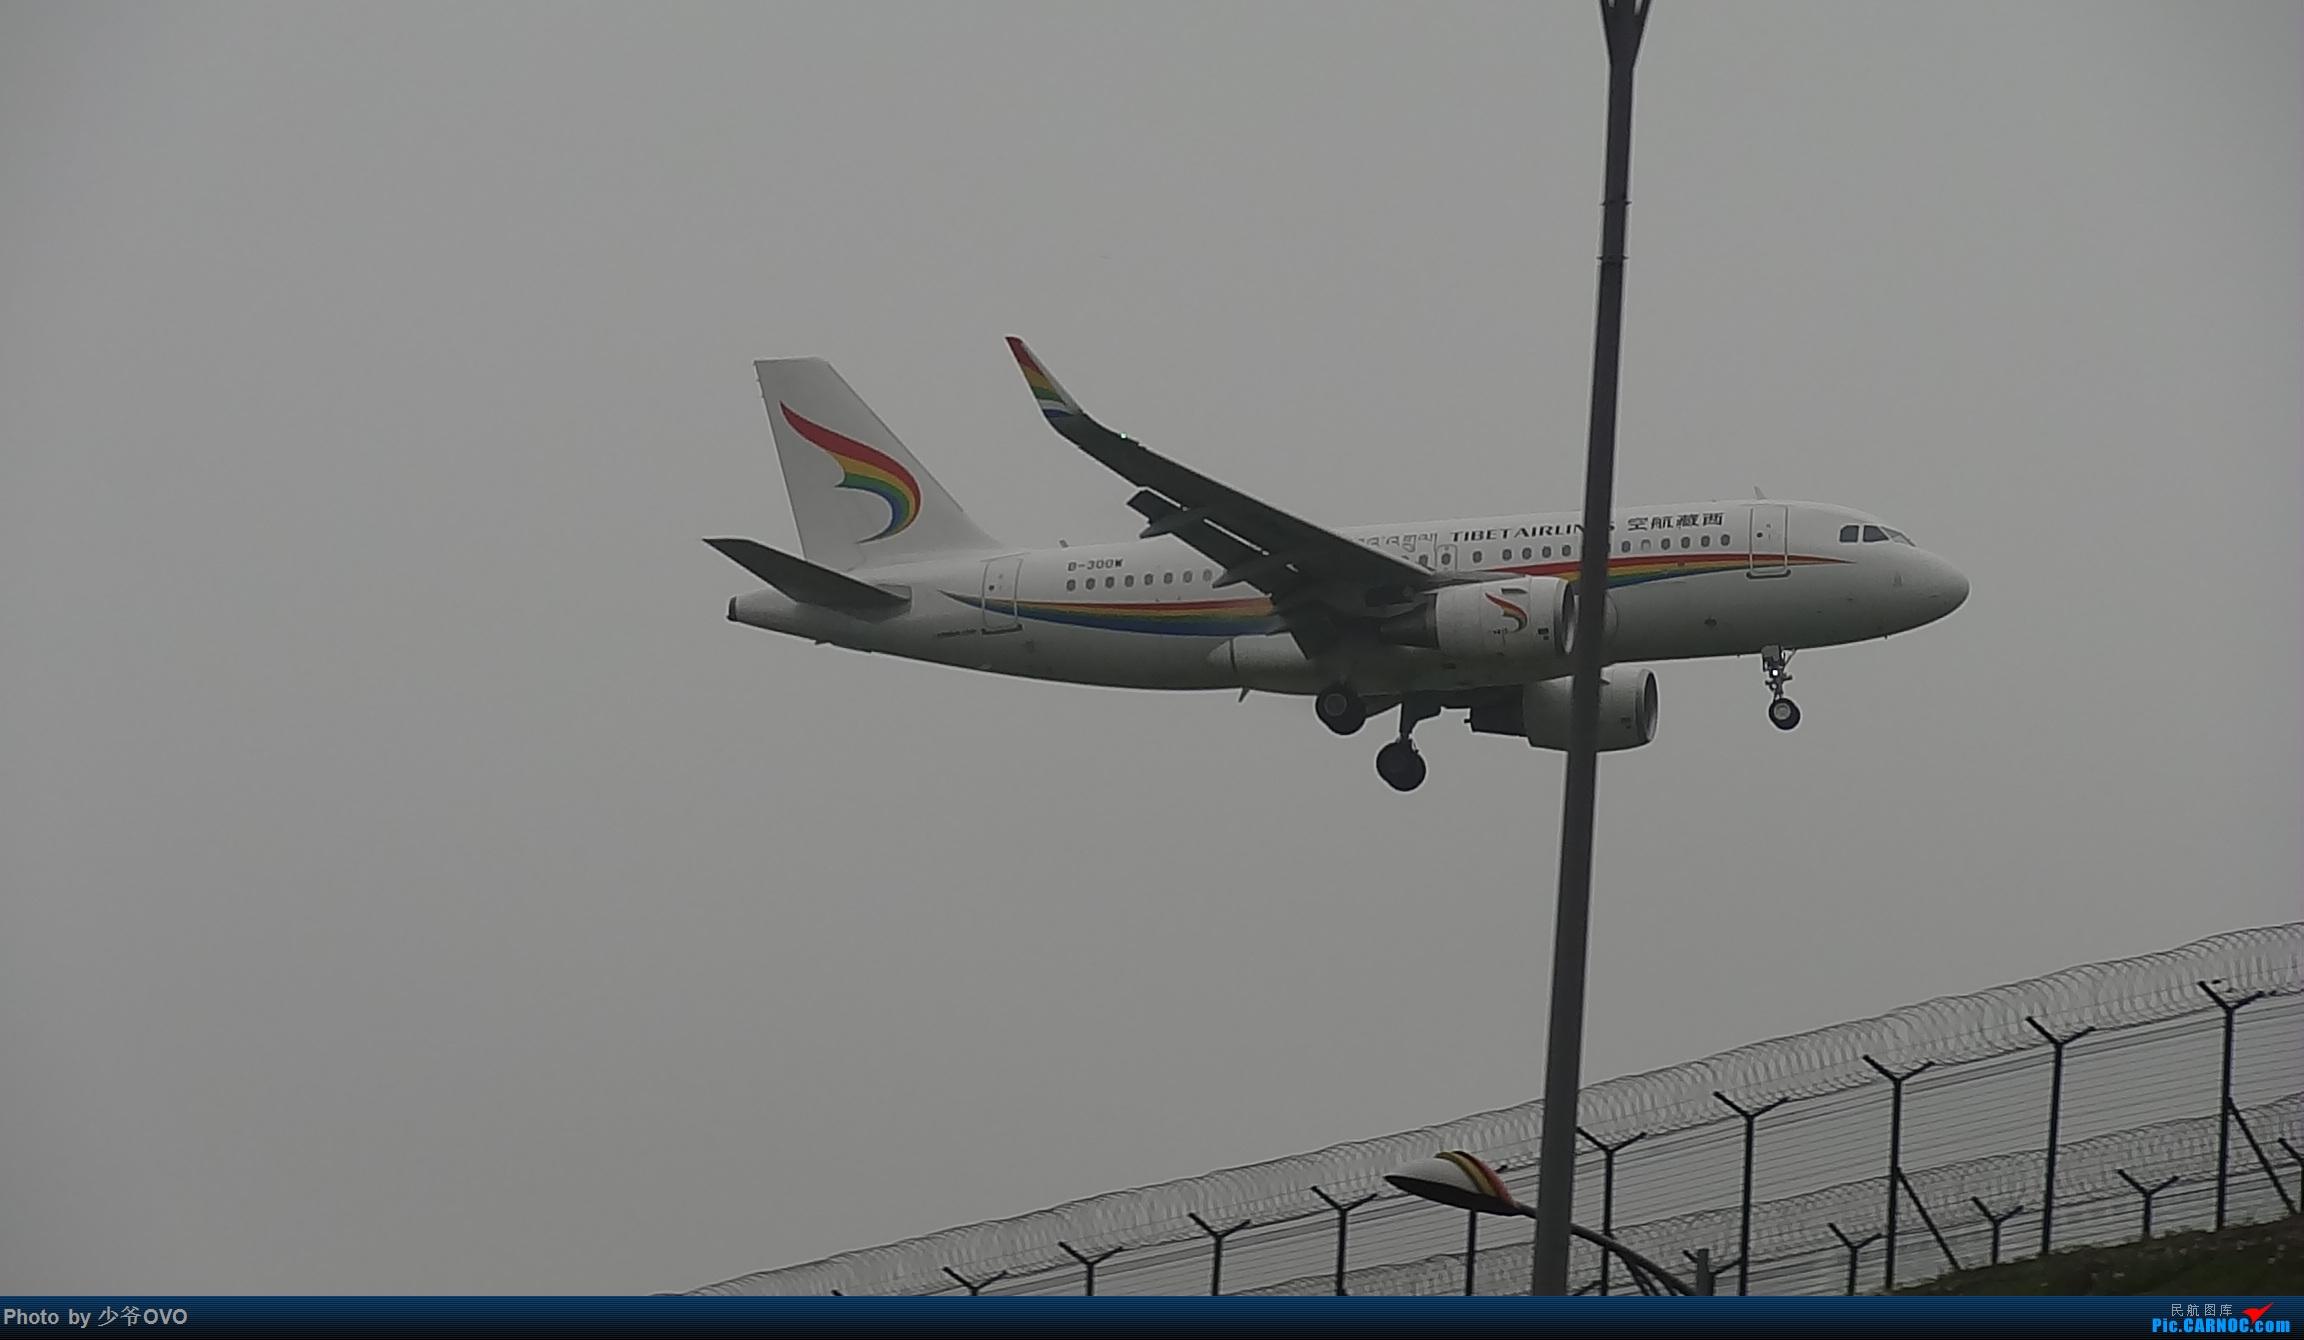 [原创]CKG重庆江北机场拍机 ,渣图一堆,多指点 AIRBUS A319-100 B-300W 中国重庆江北国际机场